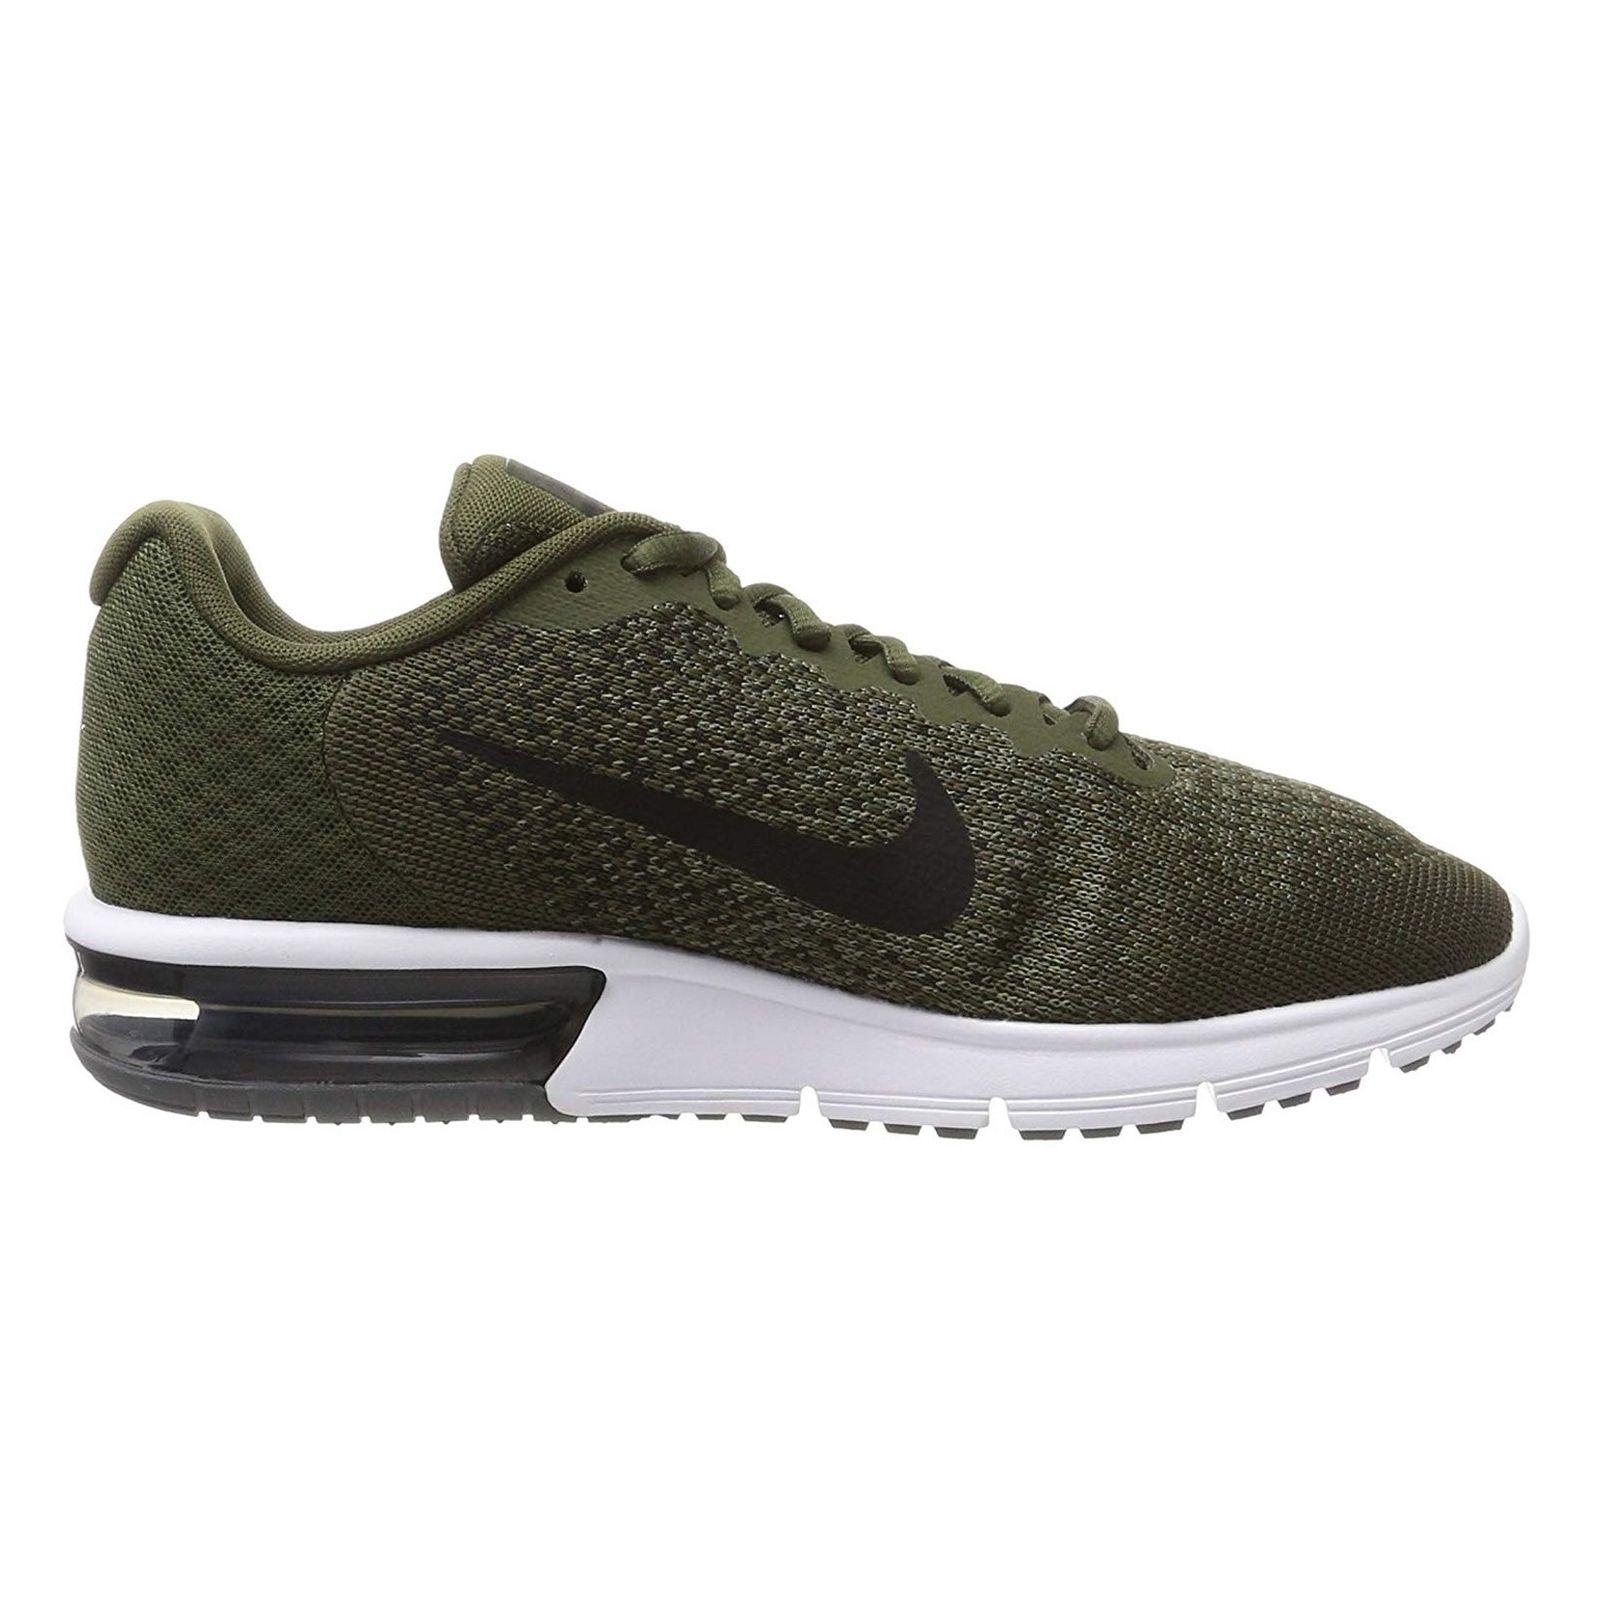 کفش دویدن بندی مردانه Air Max Sequent 2 - نایکی - زيتوني - 1